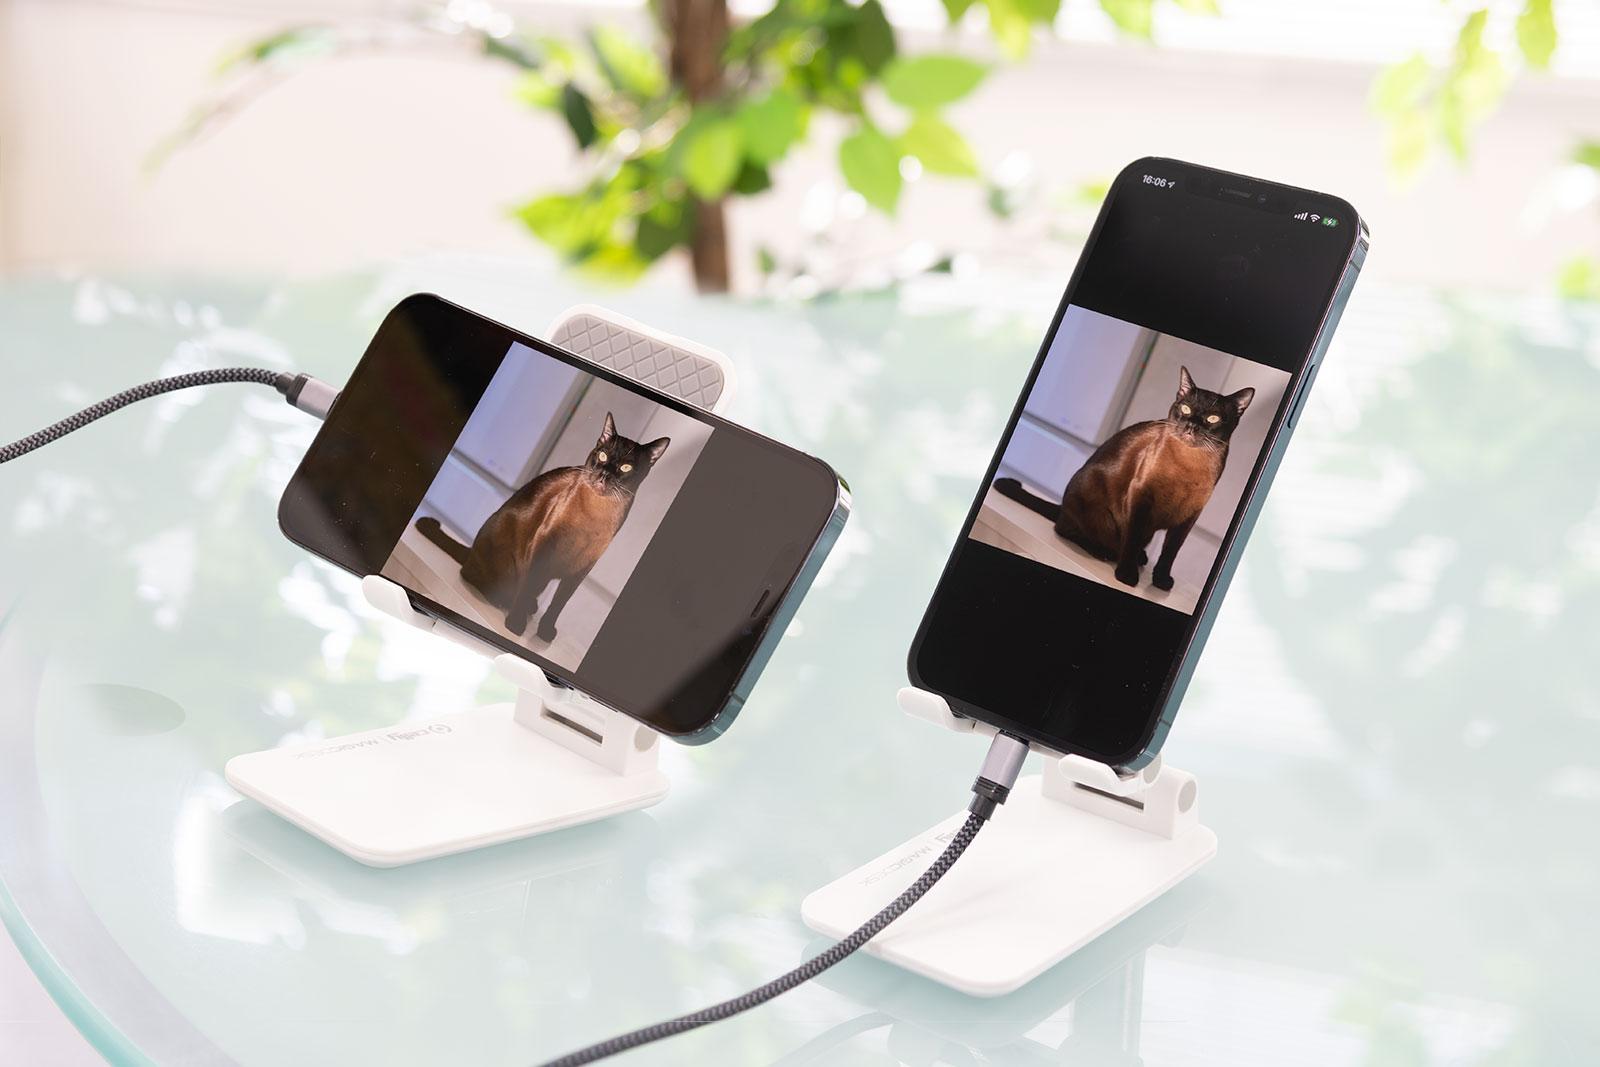 最大10.5インチのスマートフォンやタブレットに対応。縦向き、横向きどちらでも対応。